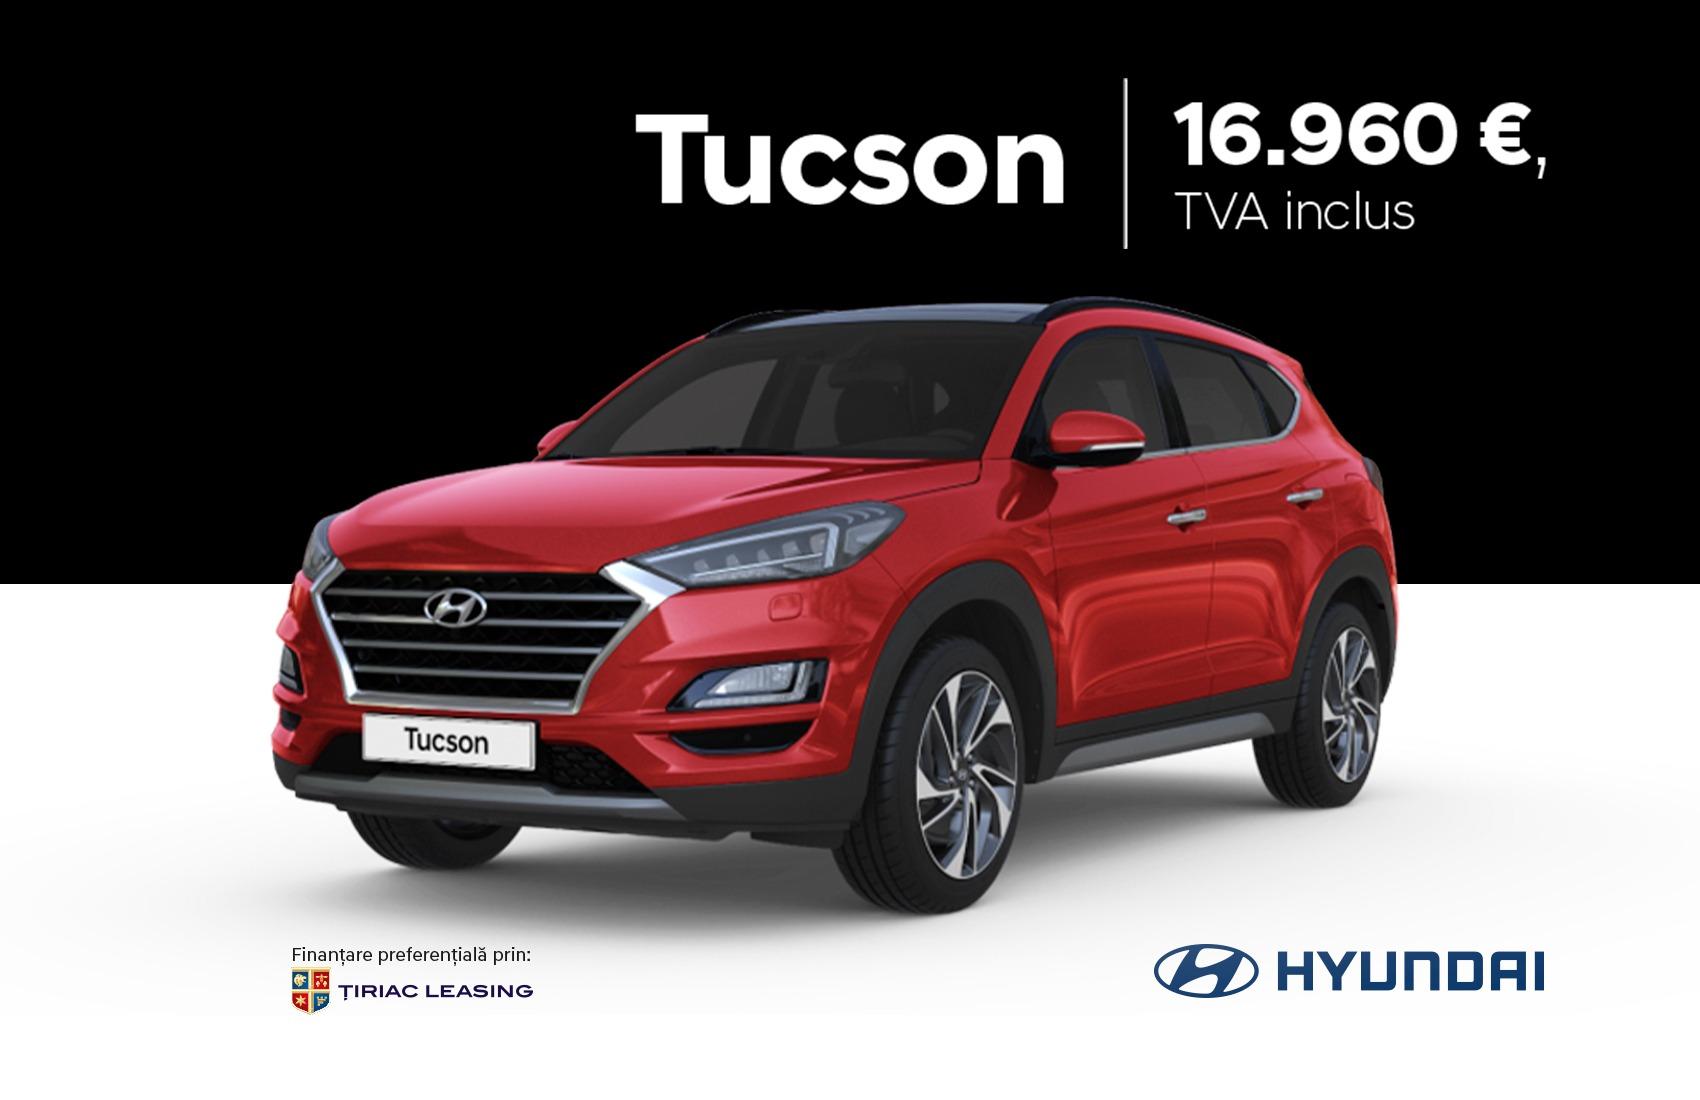 Hyundai Tucson - de la 16.960 EUR, TVA inclus